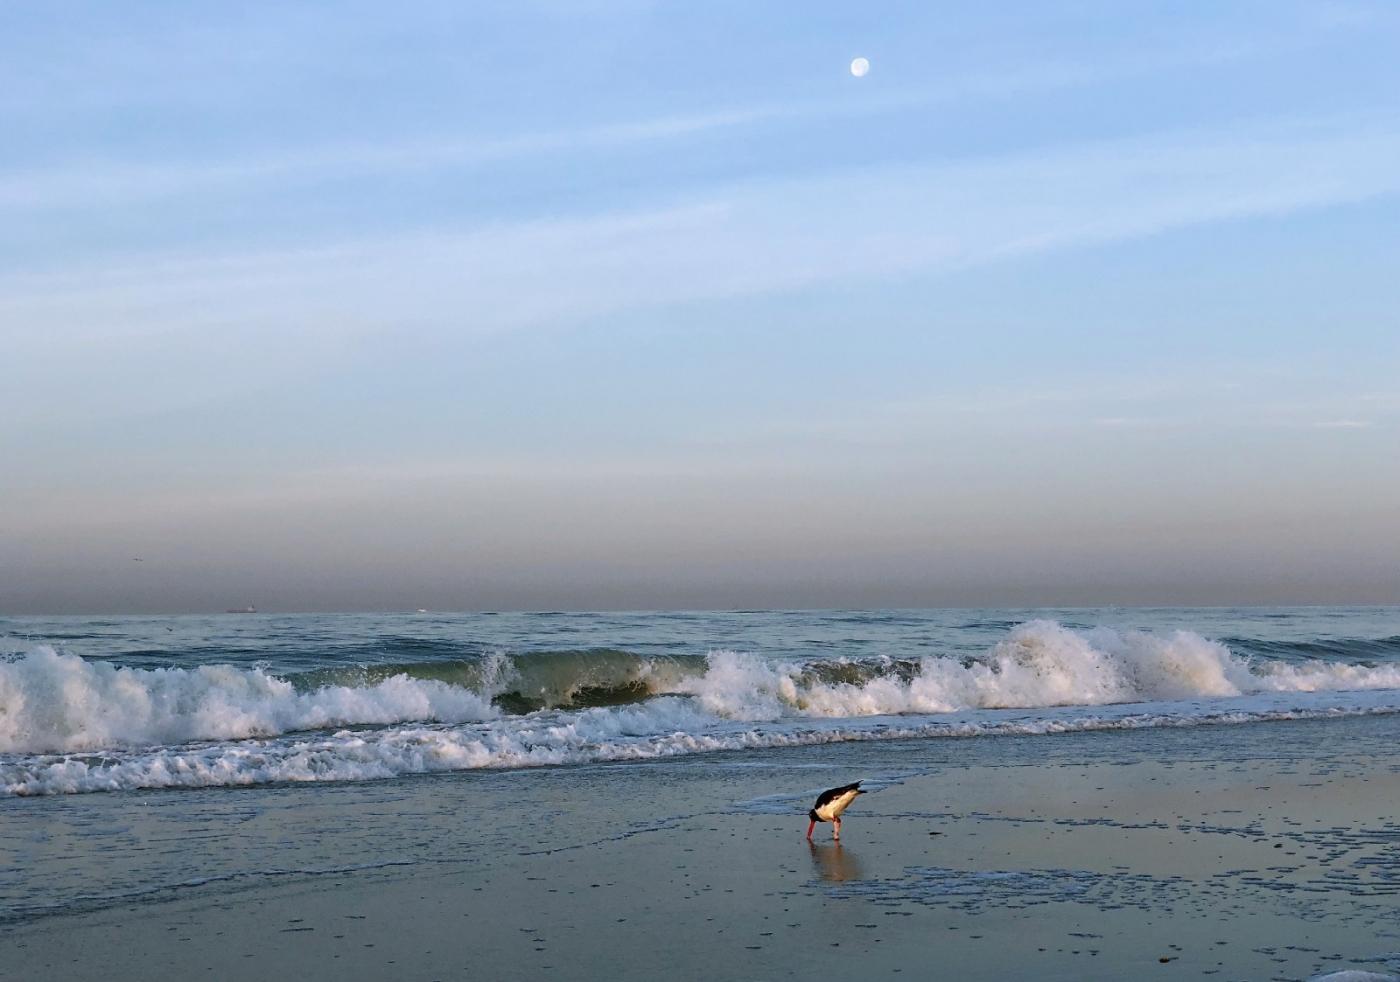 【田螺摄影】月未落日刚升的长滩画面_图1-5